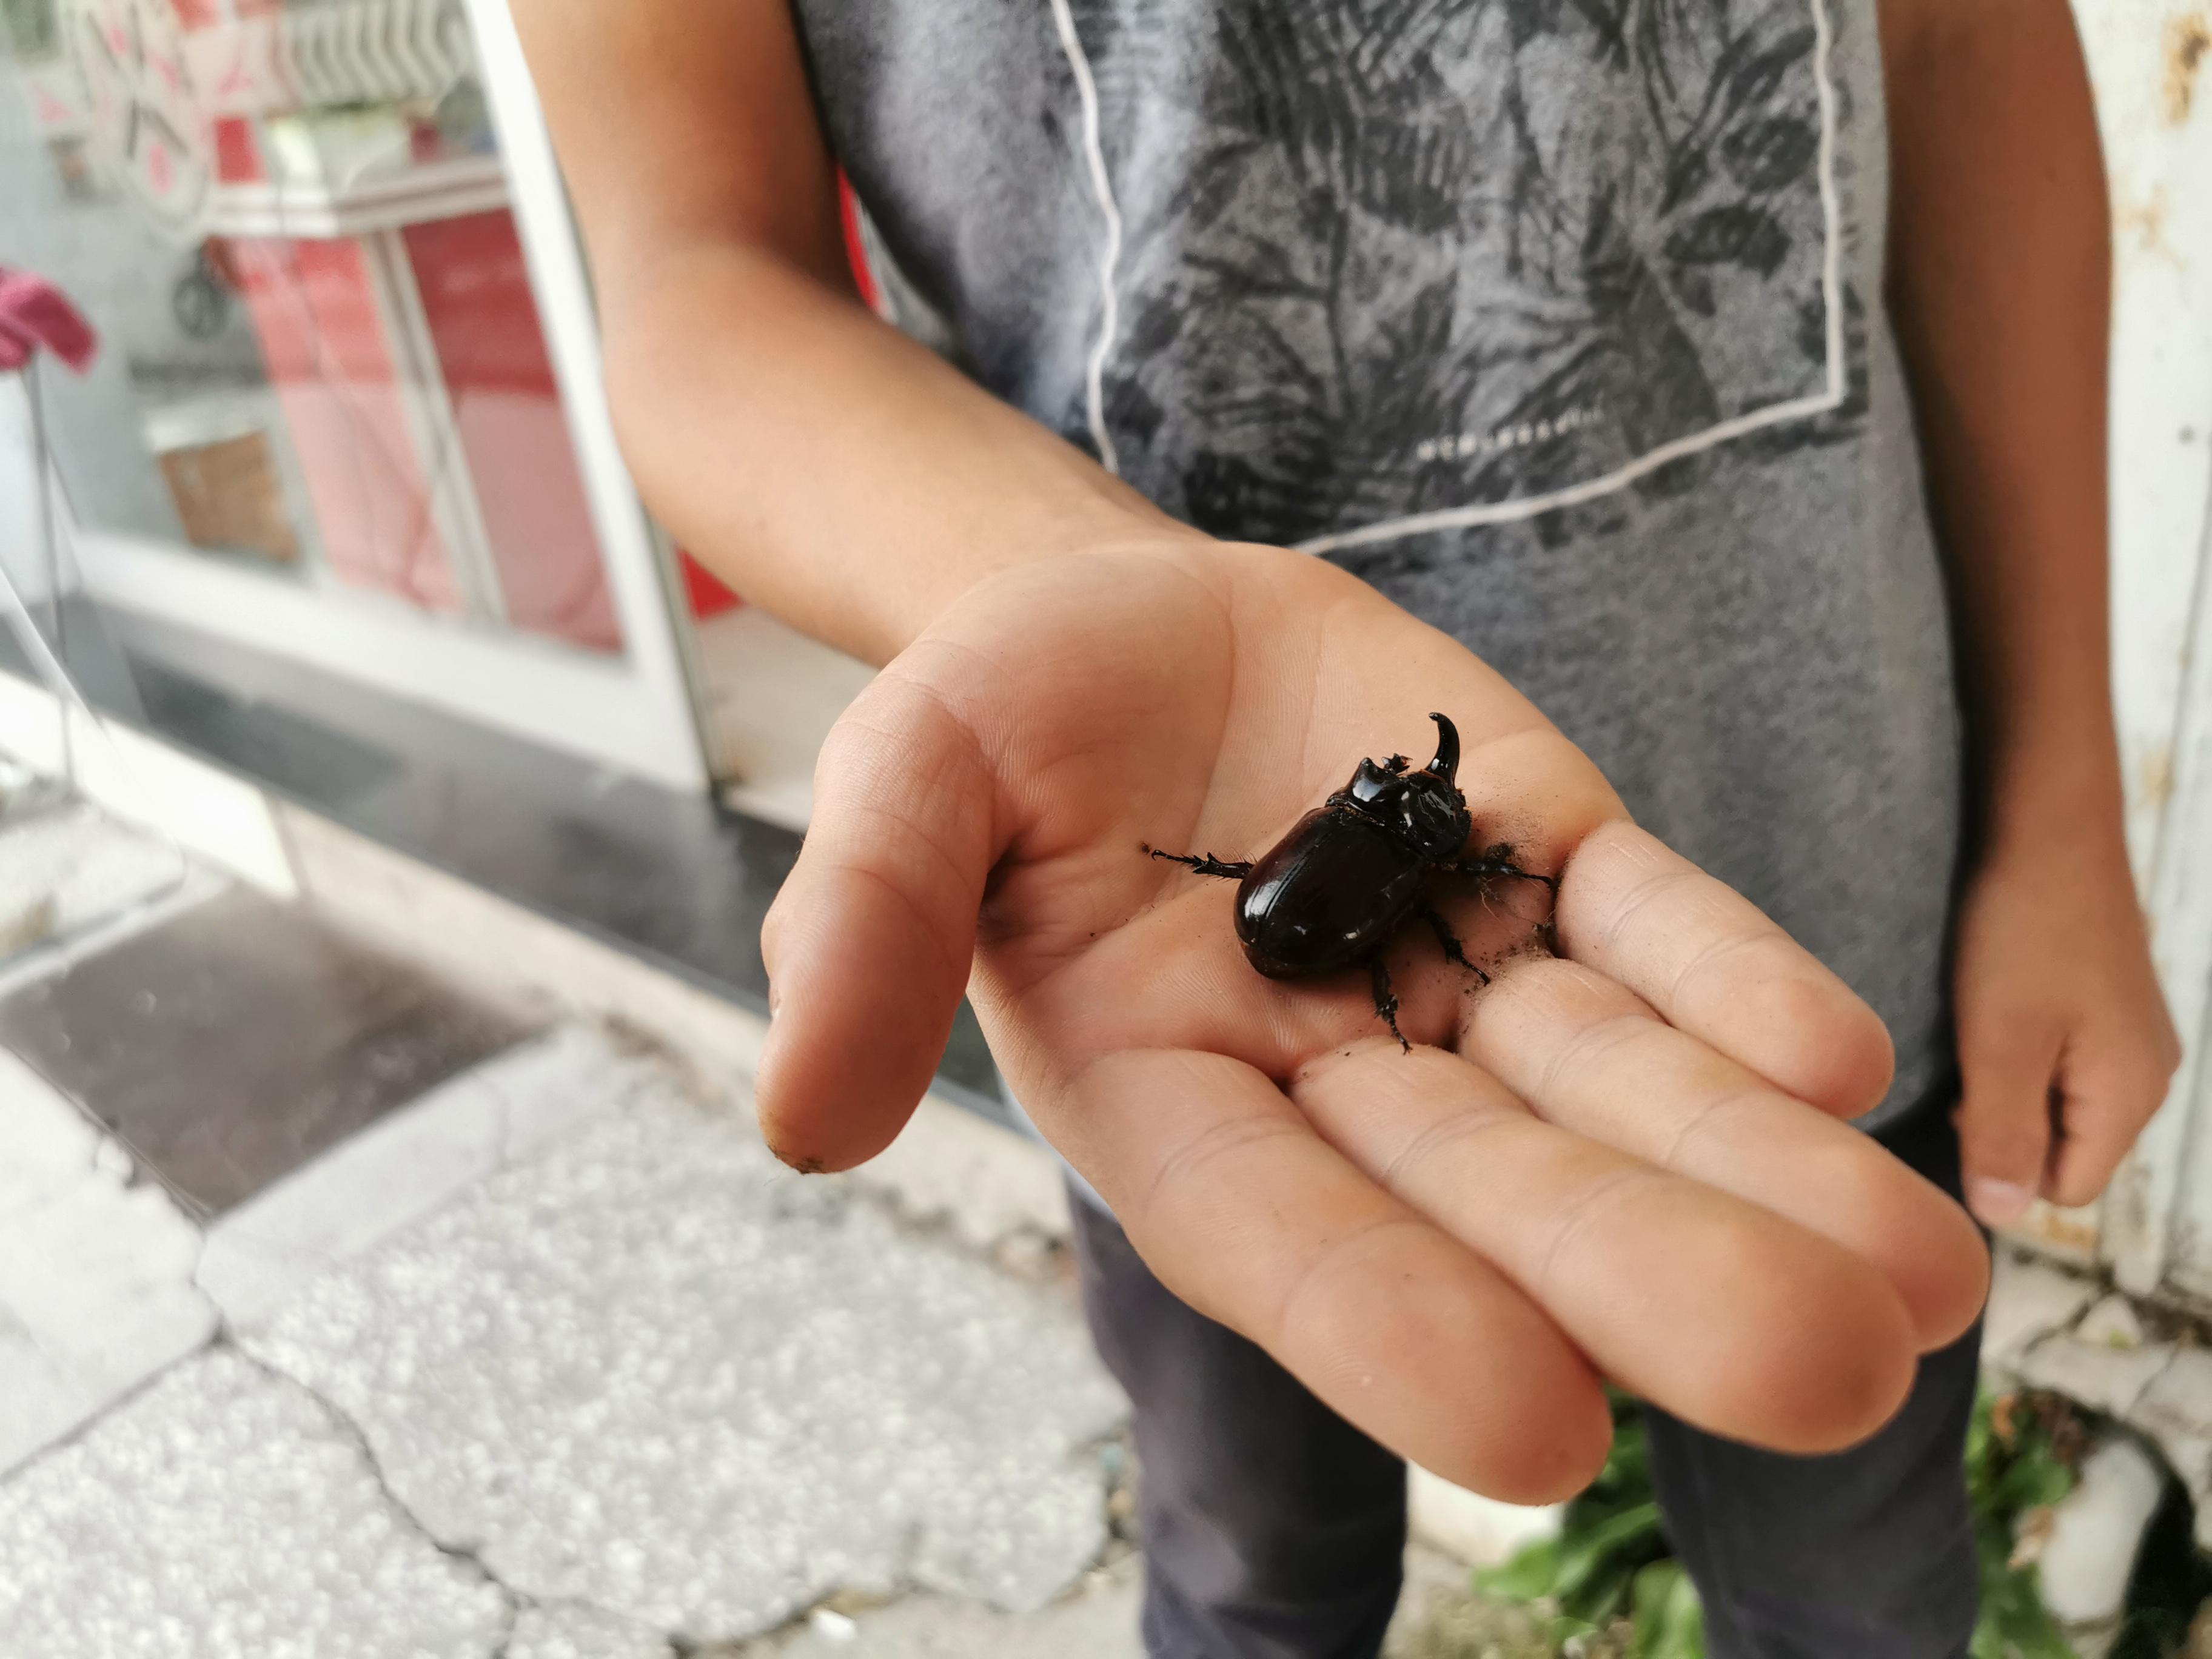 Dinar'da Değeri 90 Bin Dolar Olan Bir Böcek Türü Bulundu